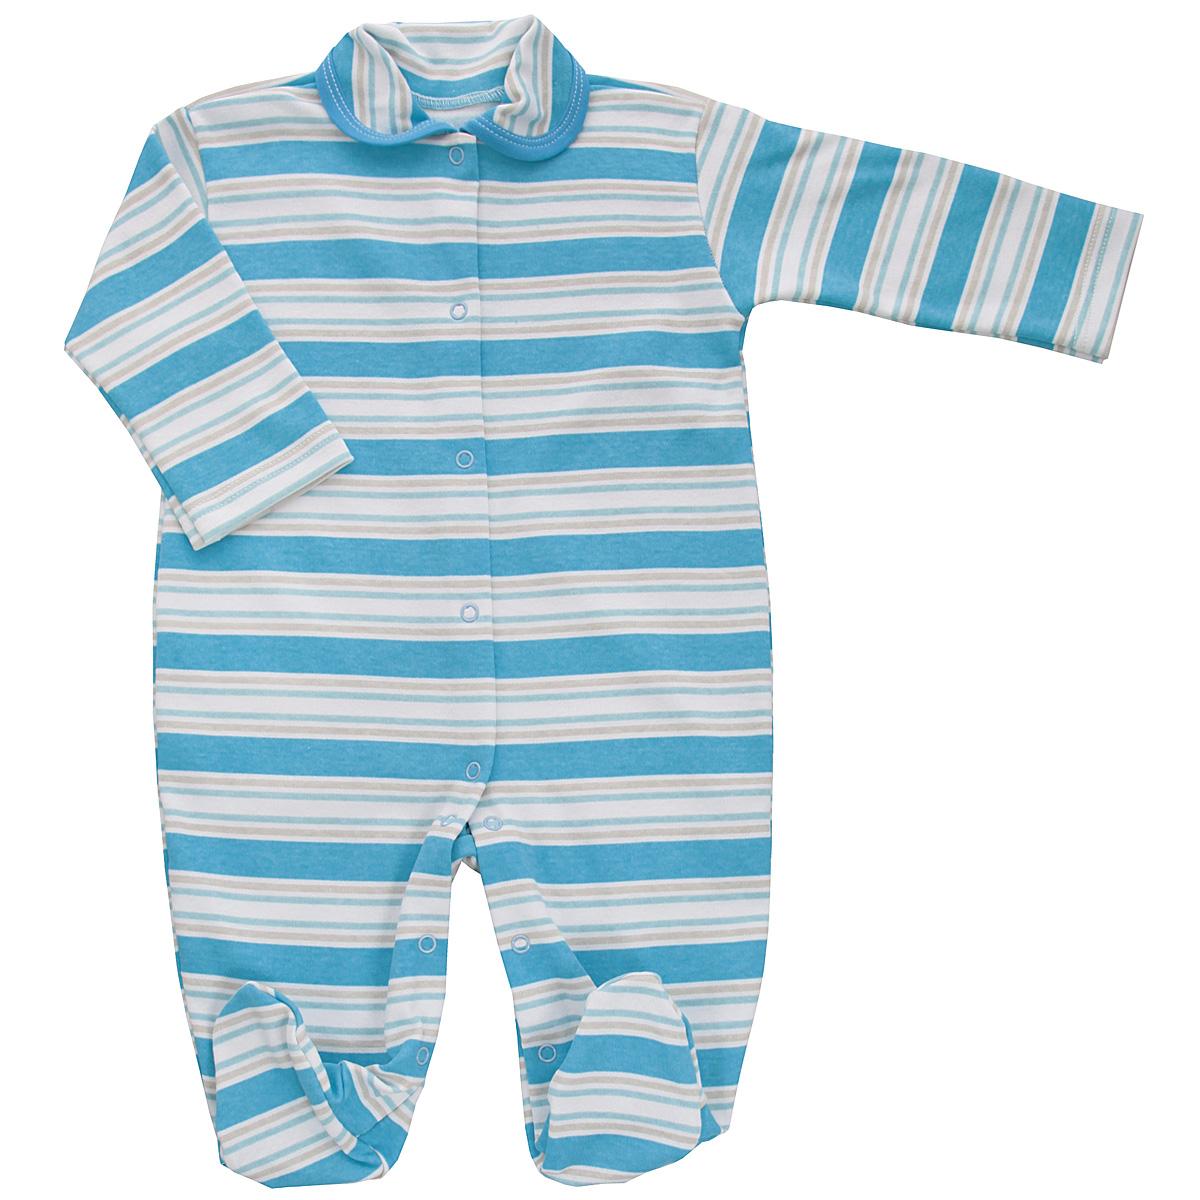 5815_полоскаДетский комбинезон Трон-Плюс - очень удобный и практичный вид одежды для малышей. Комбинезон выполнен из интерлока - натурального хлопка, благодаря чему он необычайно мягкий и приятный на ощупь, не раздражает нежную кожу ребенка, и хорошо вентилируются, а эластичные швы приятны телу младенца и не препятствуют его движениям. Комбинезон с длинными рукавами, закрытыми ножками и отложным воротничком имеет застежки-кнопки от горловины до щиколоток, которые помогают легко переодеть ребенка или сменить подгузник. Воротник по краю дополнен контрастной бейкой. Оформлено изделие принтом в полоску. С детским комбинезоном спинка и ножки вашего крохи всегда будут в тепле, он идеален для использования днем и незаменим ночью. Комбинезон полностью соответствует особенностям жизни младенца в ранний период, не стесняя и не ограничивая его в движениях!